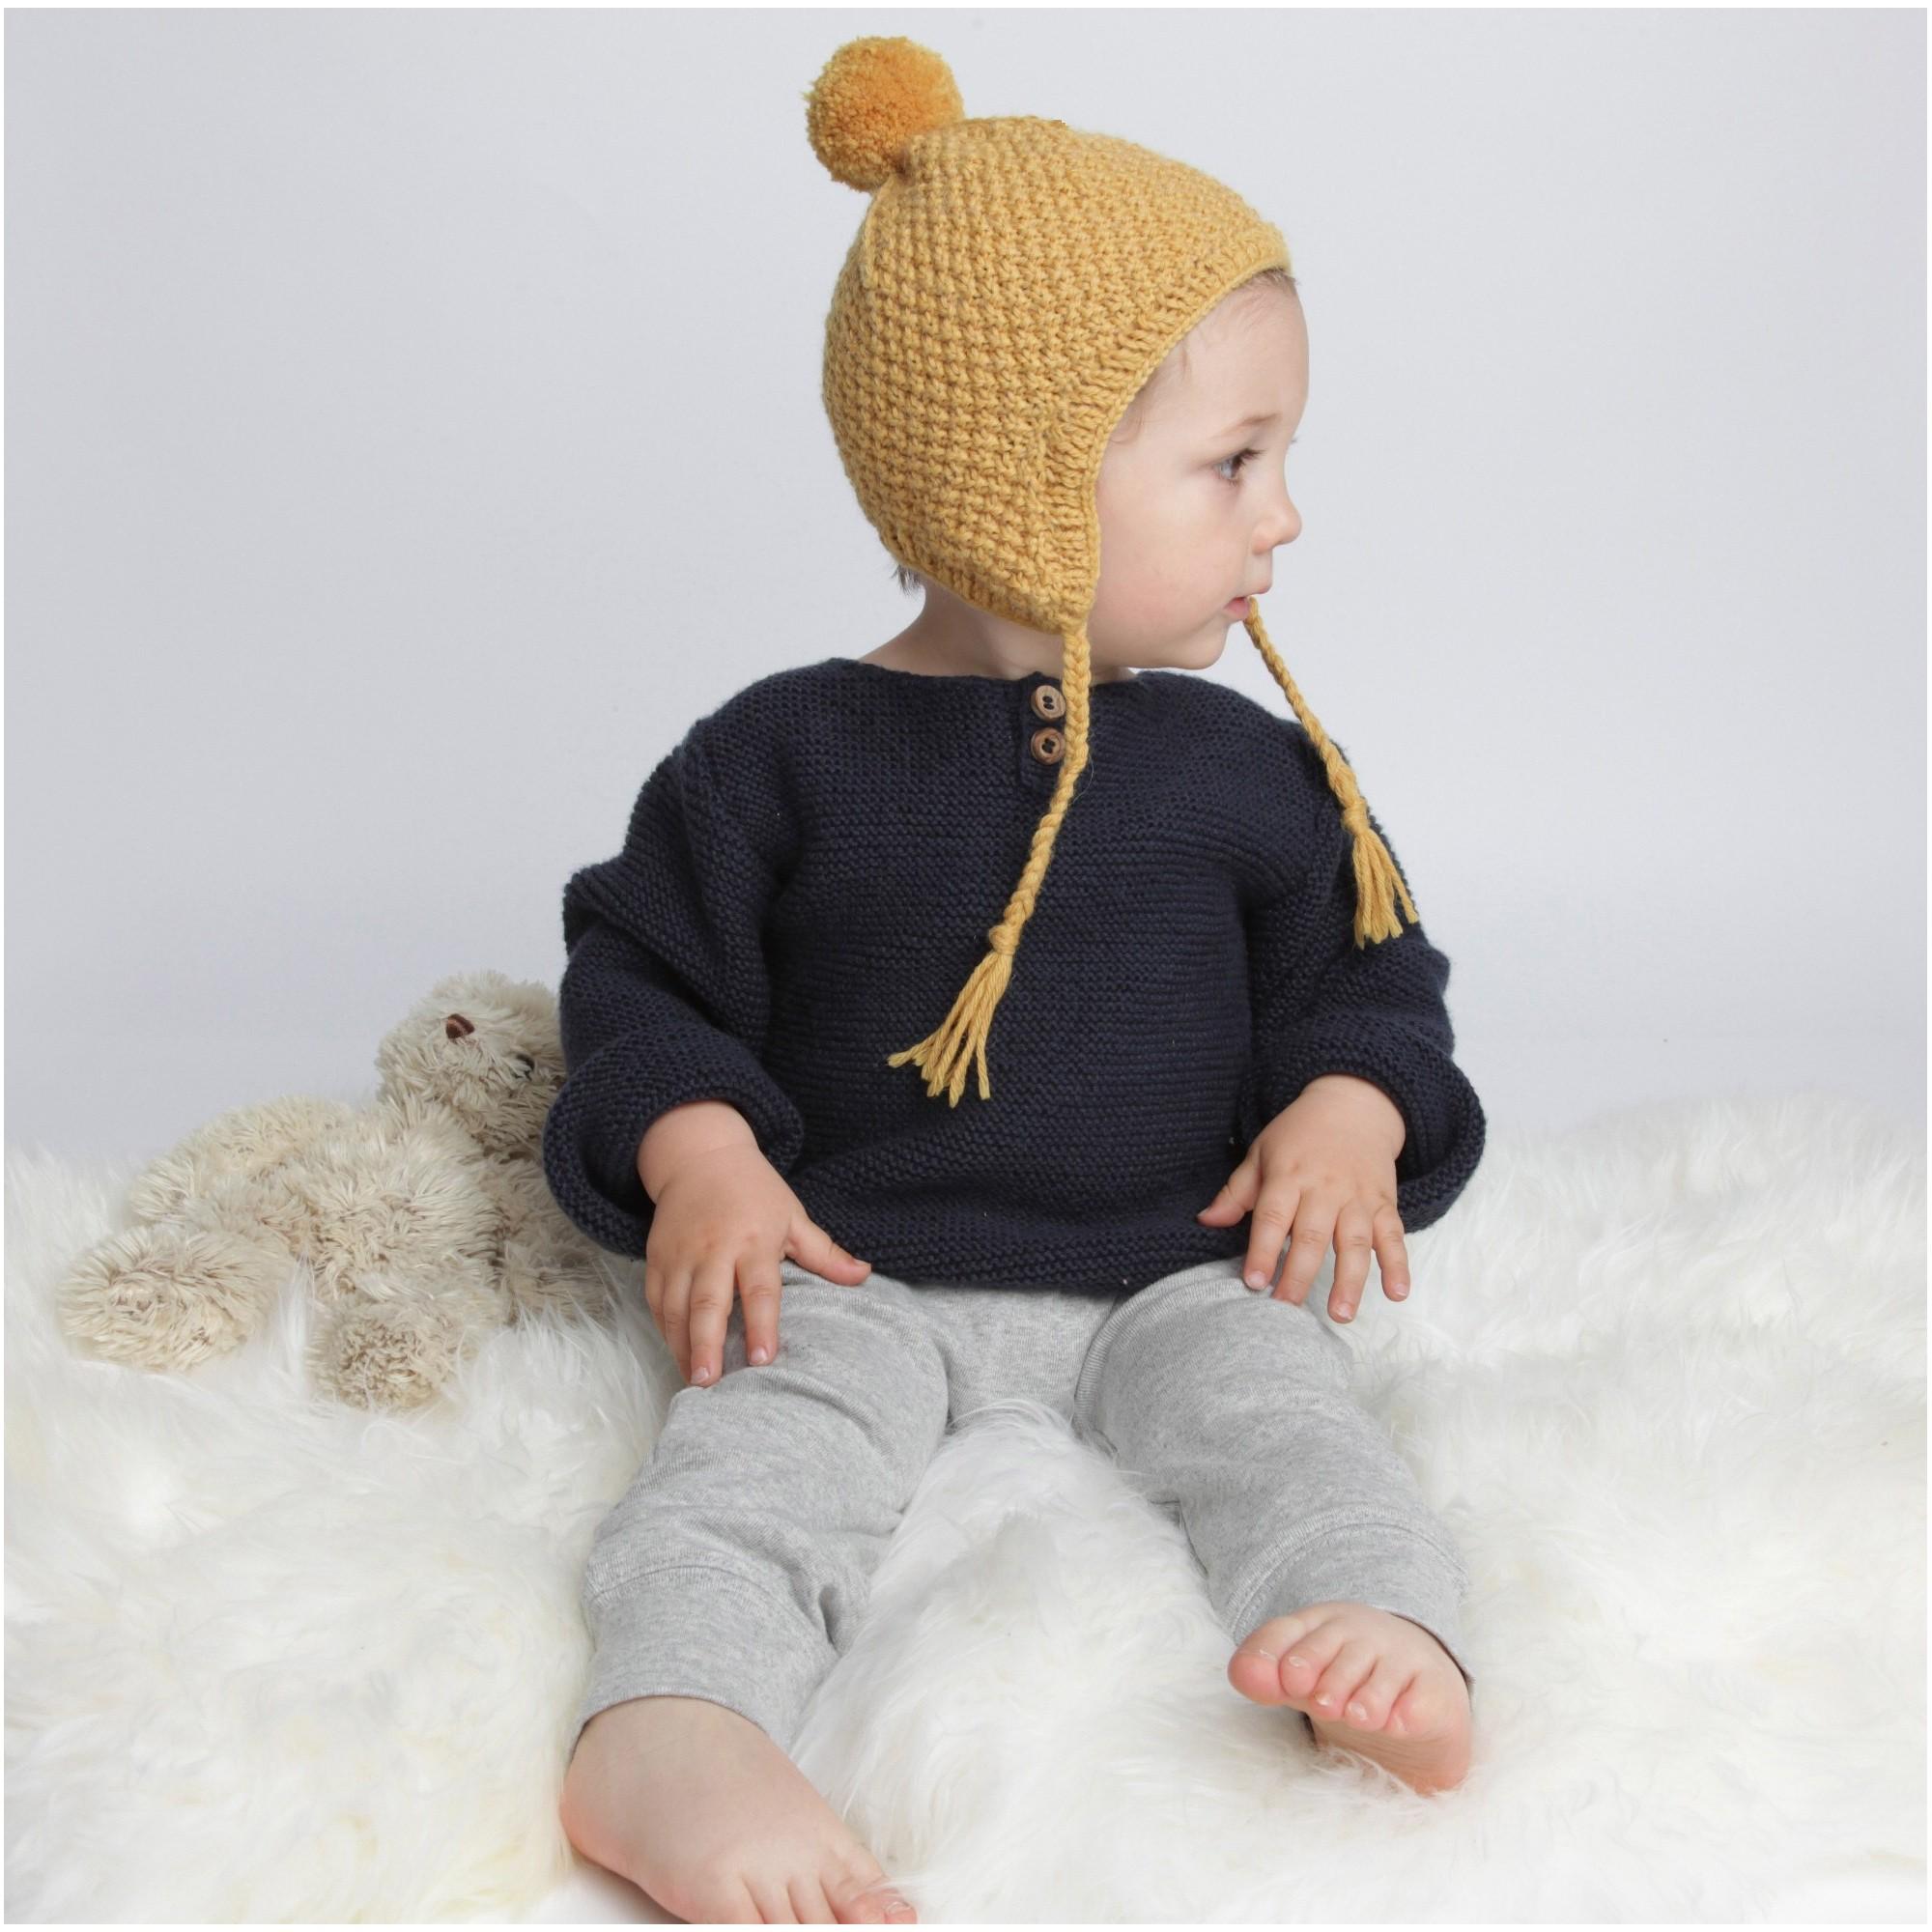 Chapeau bonnet tricot, bonnet en tricot pour bébé, nouveau-né, Pom Pom 40a7817eaca